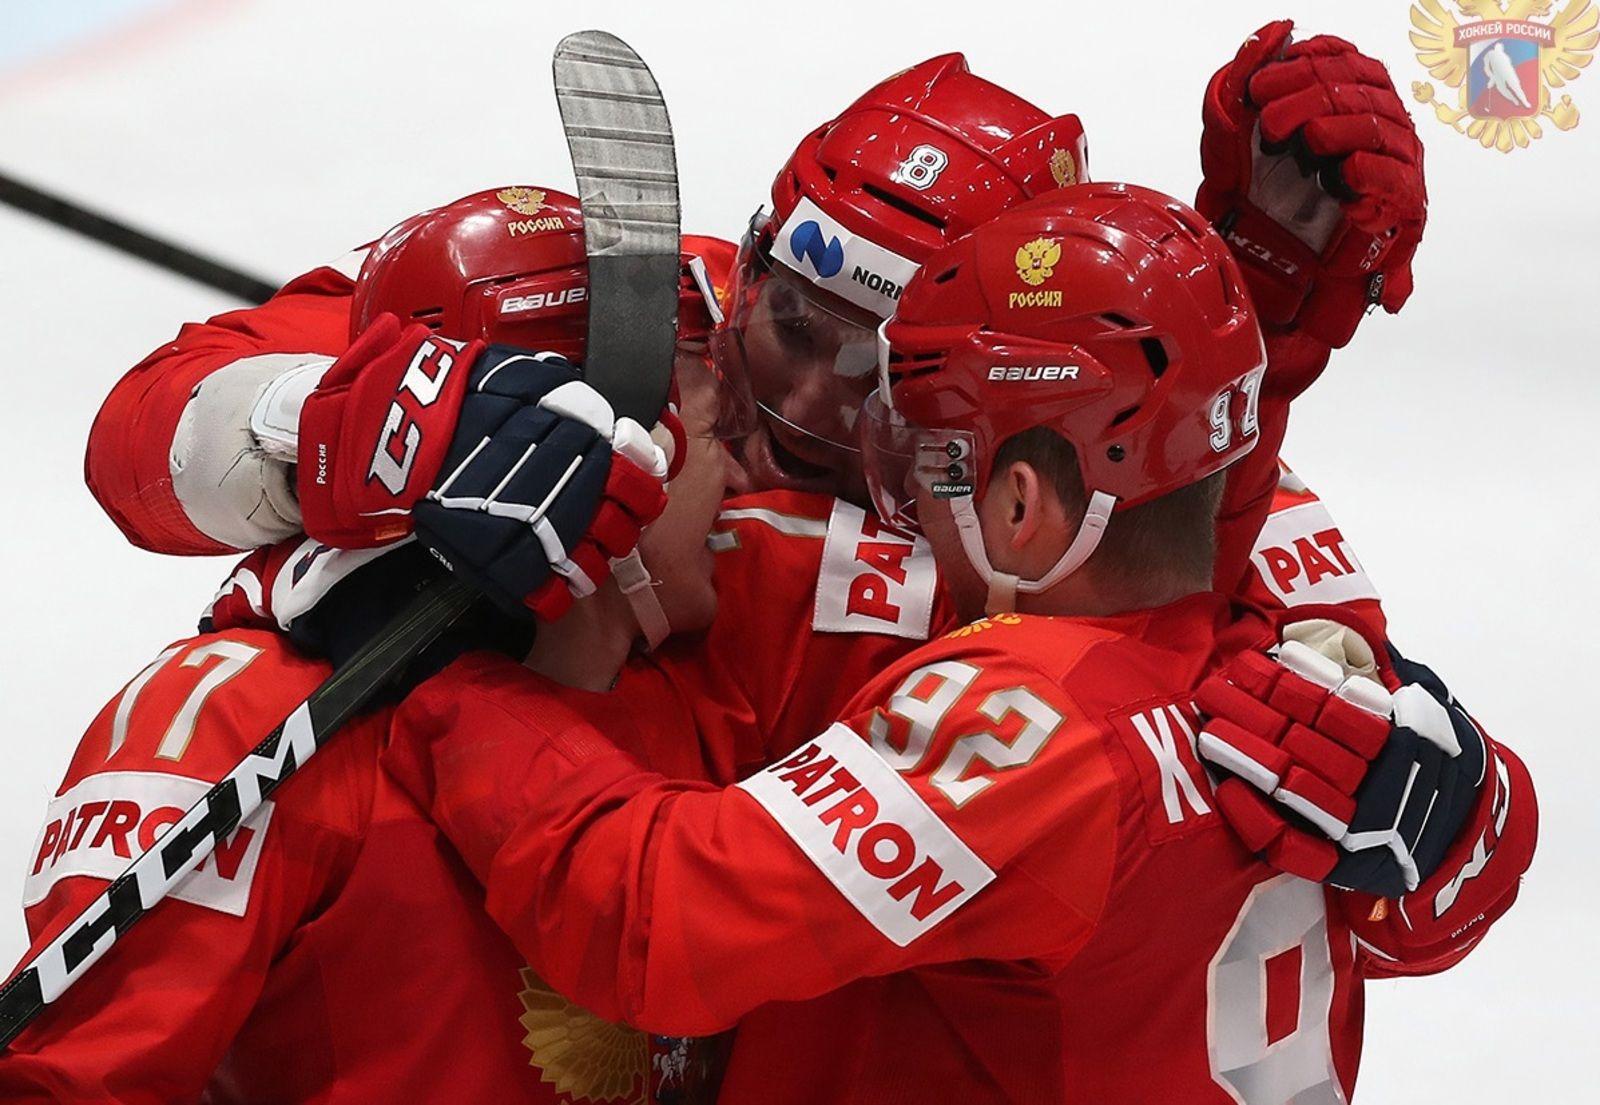 Москвичи посмотрят трансляцию финала чемпионата мира по хоккею в столичных ресторанах